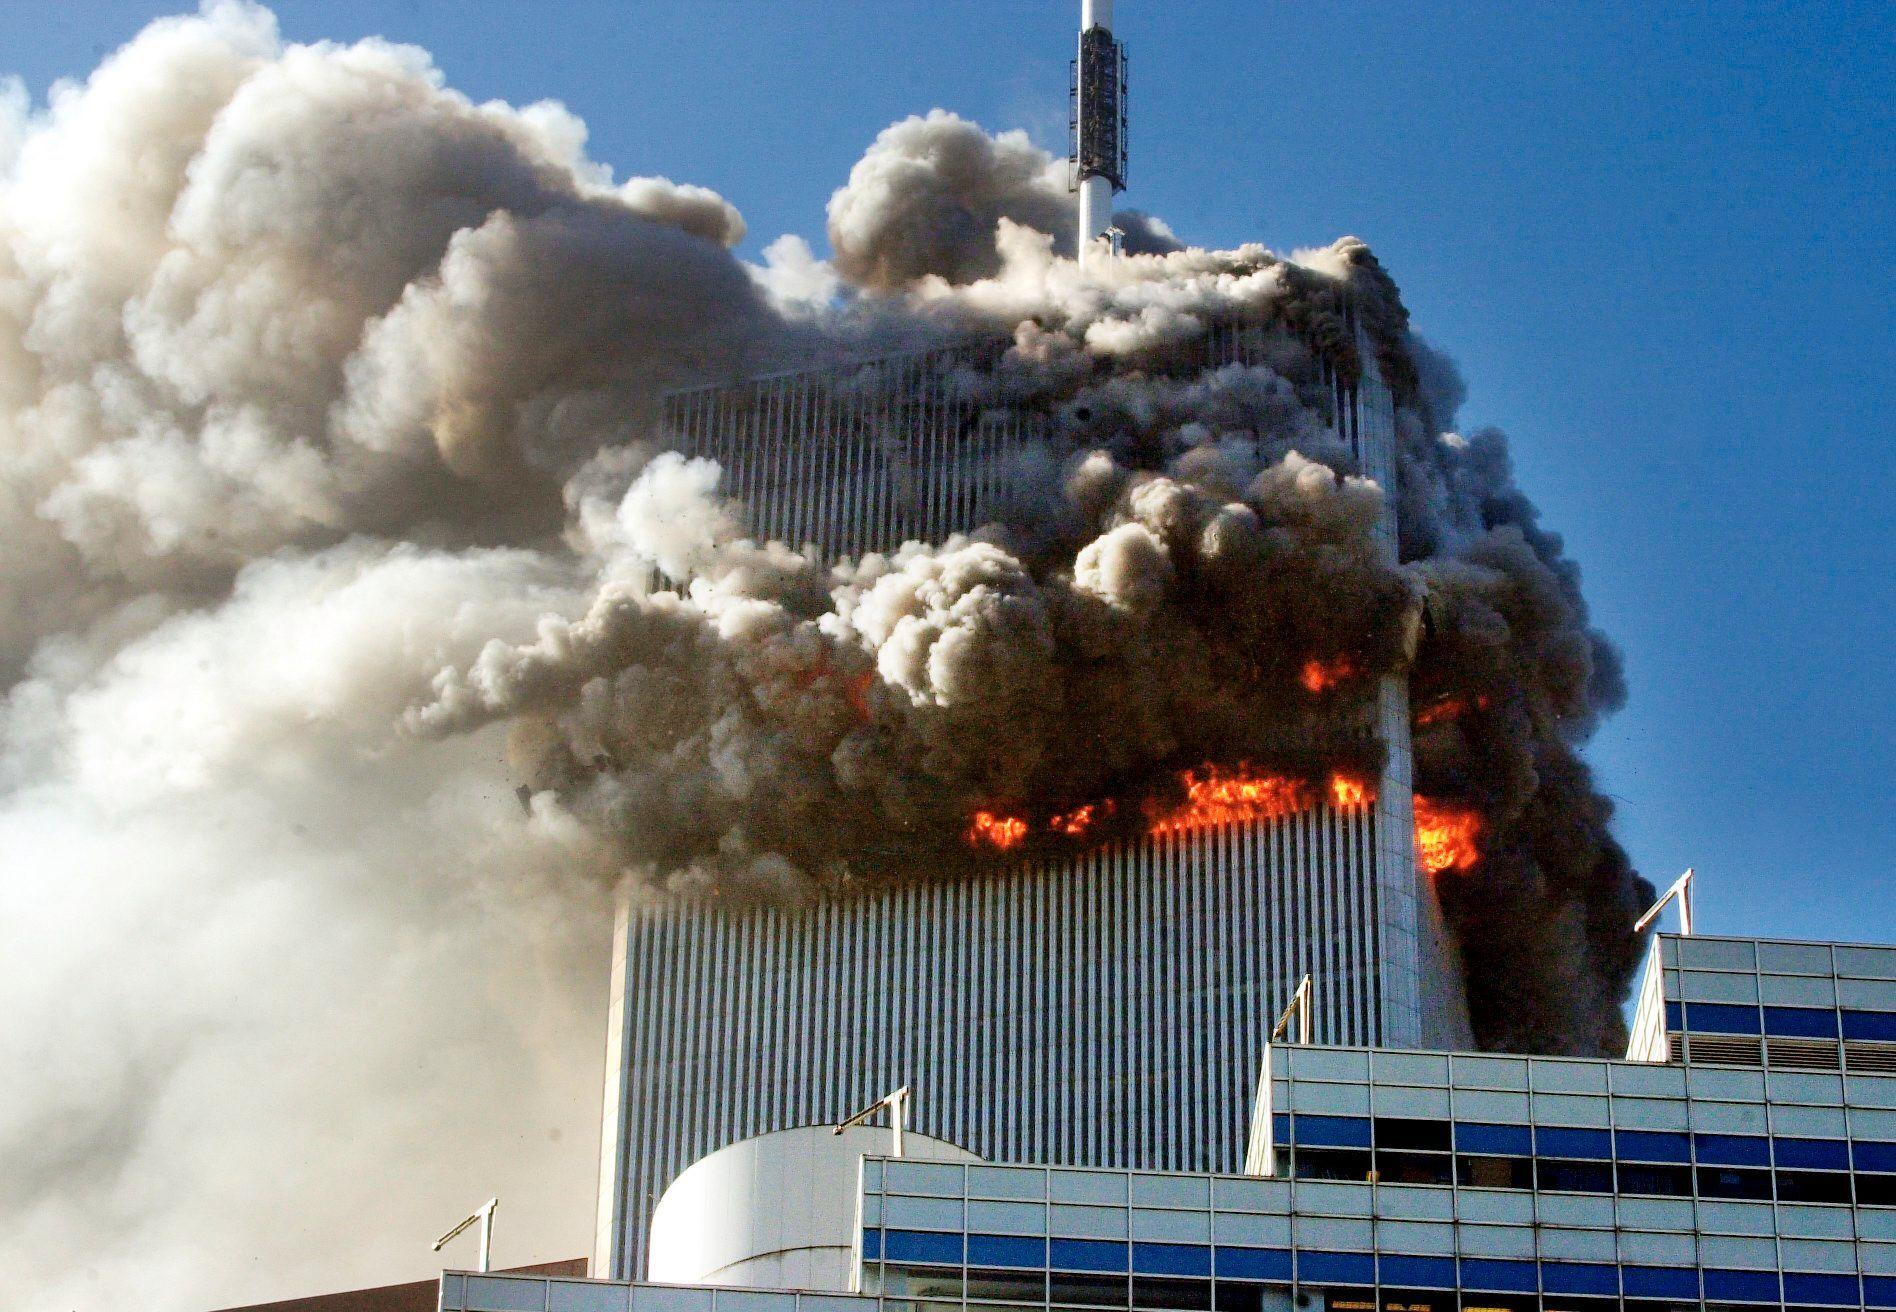 DA TERROREN RAMMET: Terrorangrepet mot World Trade Center i New York City og Pentagon i Washington D.C 11. september 2001 drepte rundt 3.000 personer.